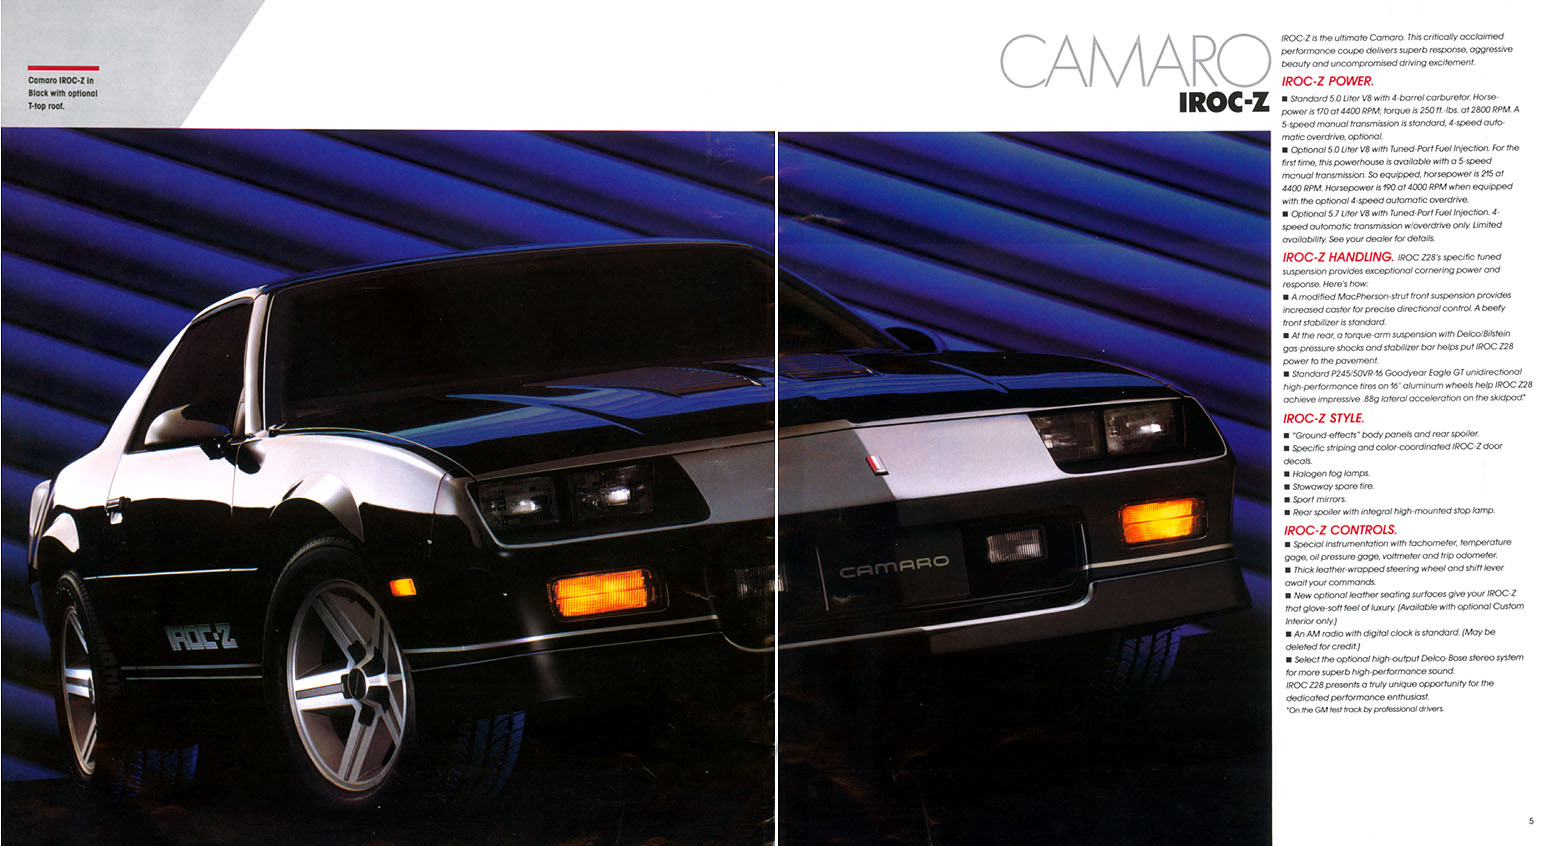 1987 Camaro OEM Brochure (3)